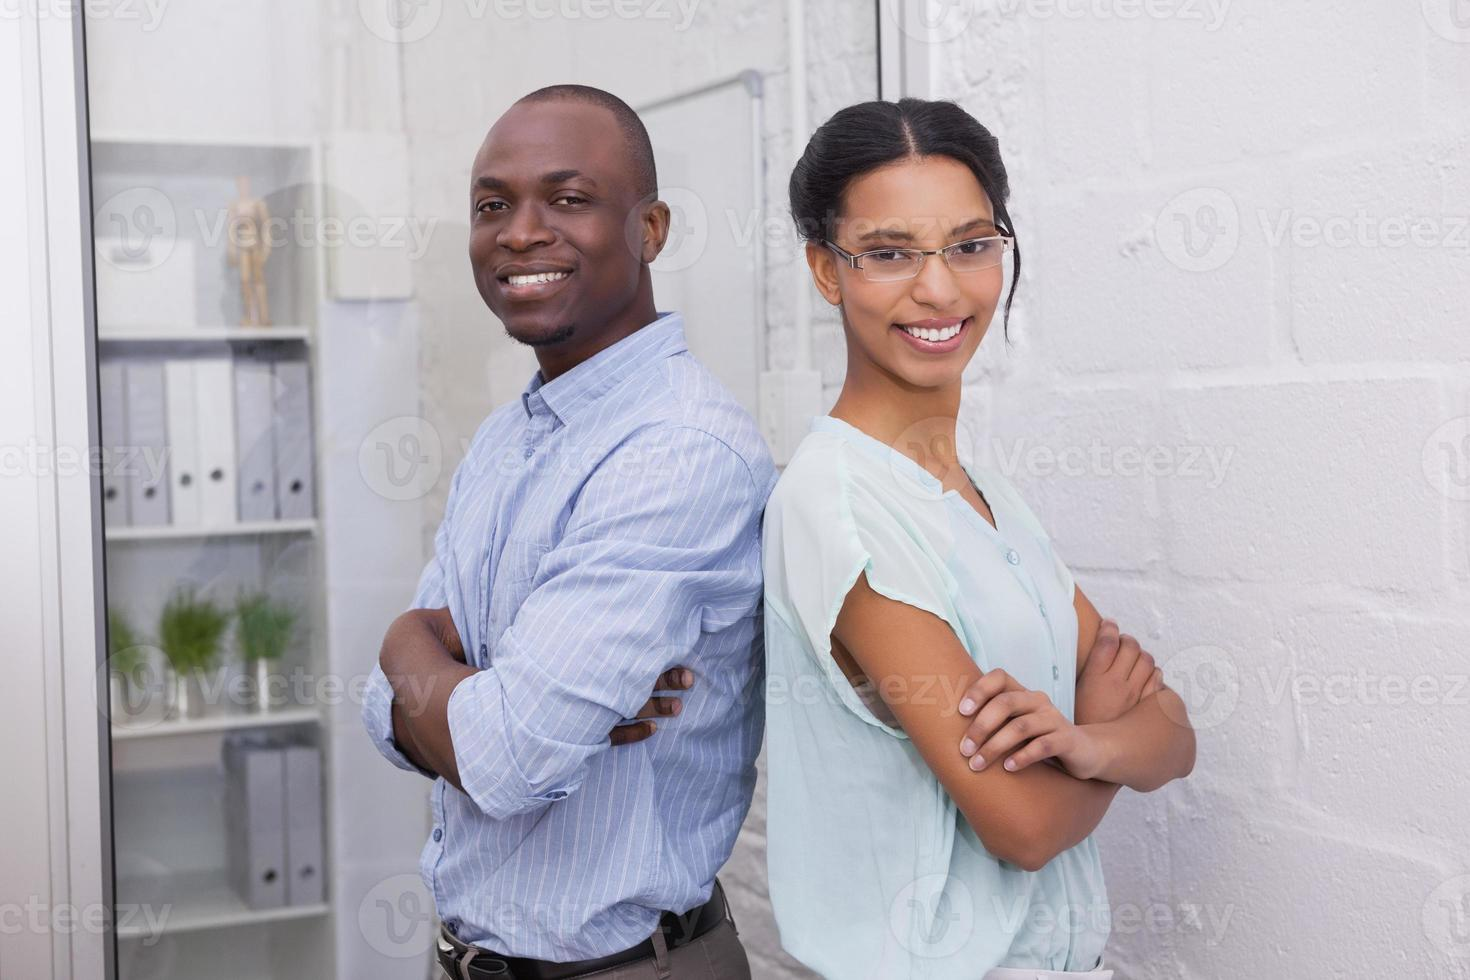 lachende mensen uit het bedrijfsleven met de armen over elkaar foto